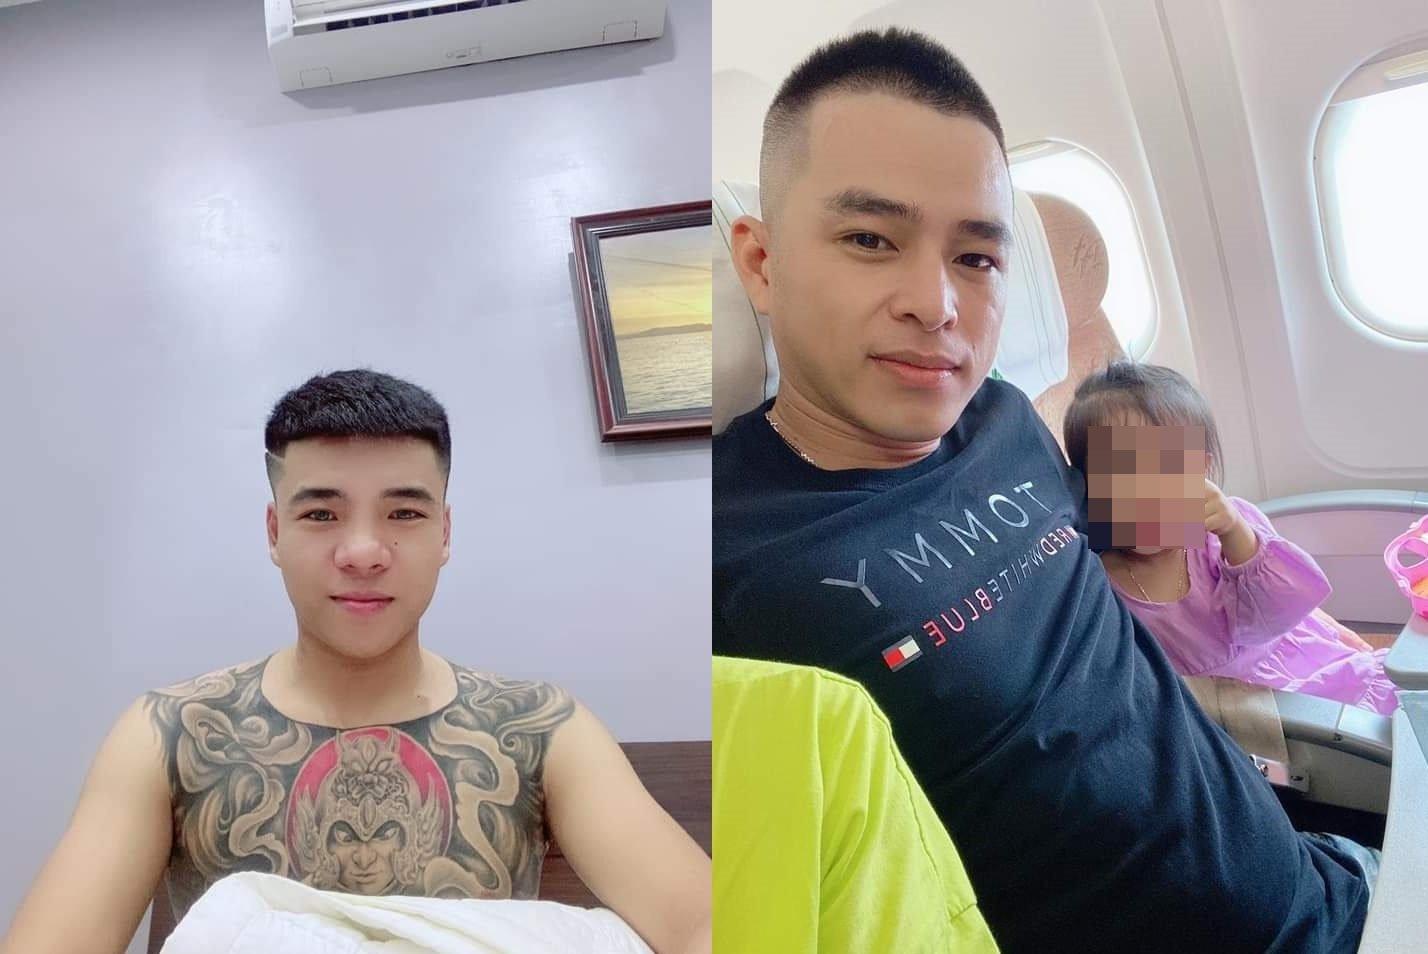 Hàng chục thanh niên đuổi chém nhau trên phố ở Đà Nẵng